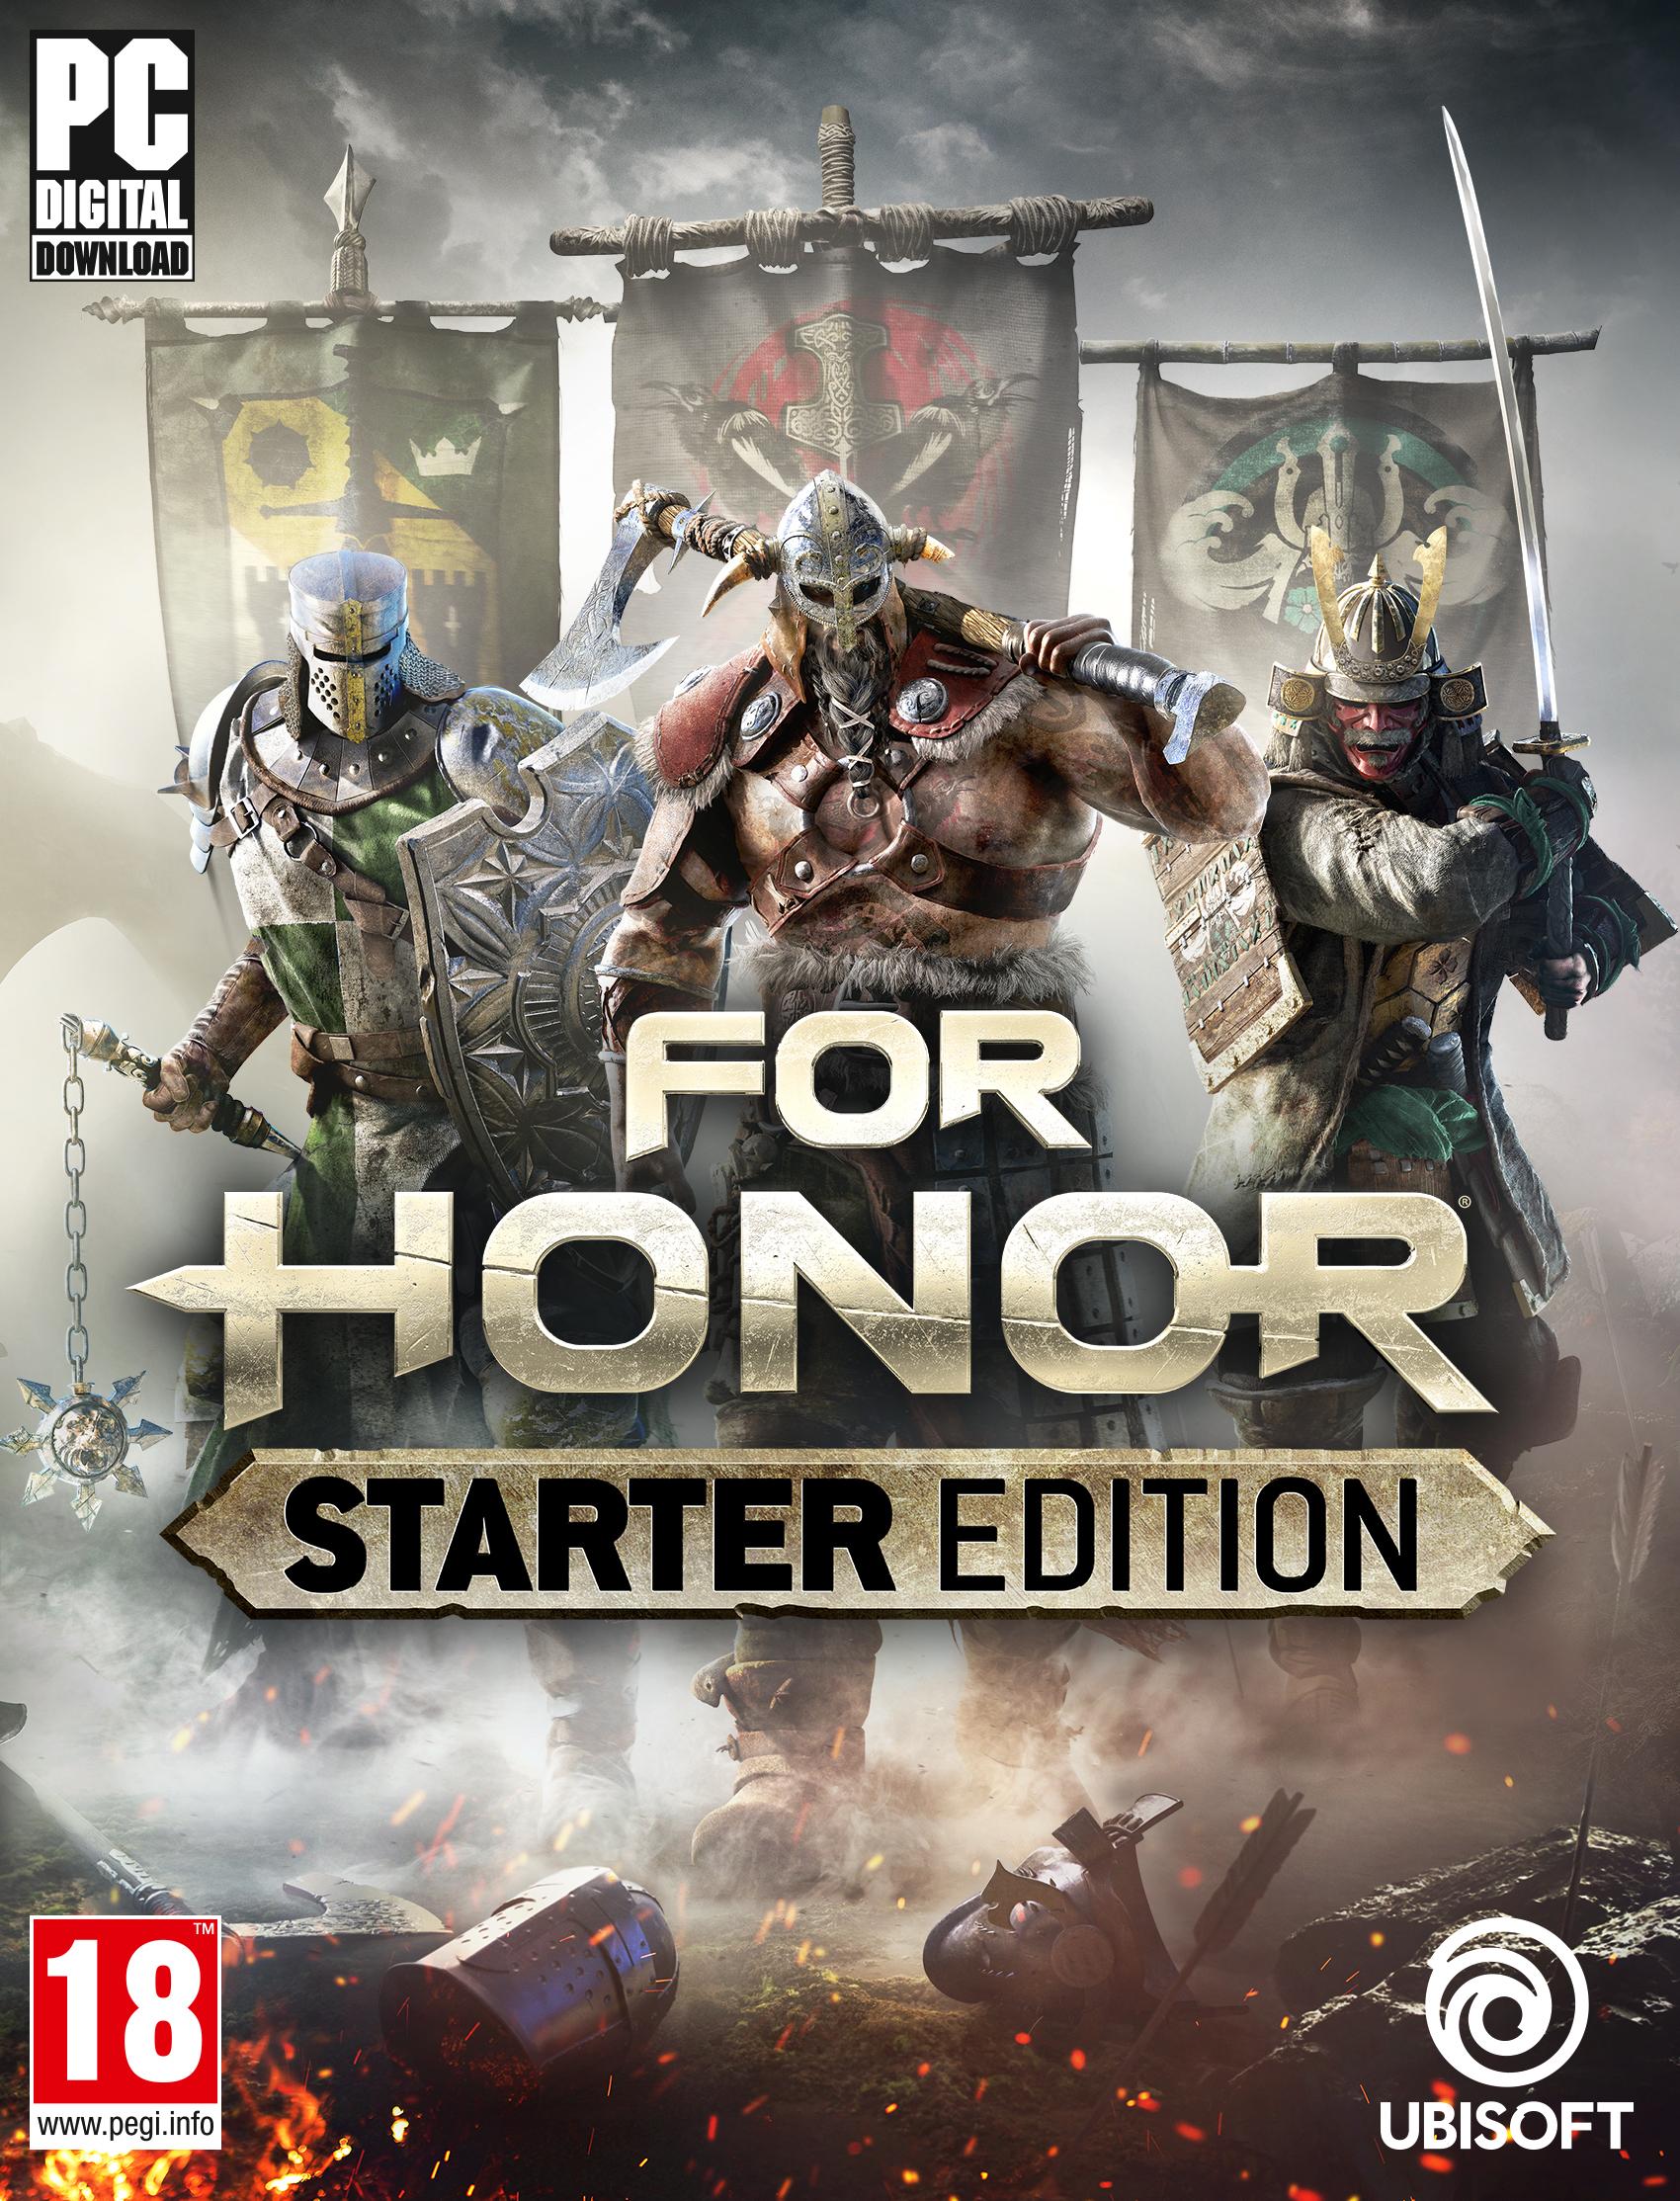 [Prime] For Honor - Starter Edition sur PC (Dématérialisé - Uplay)